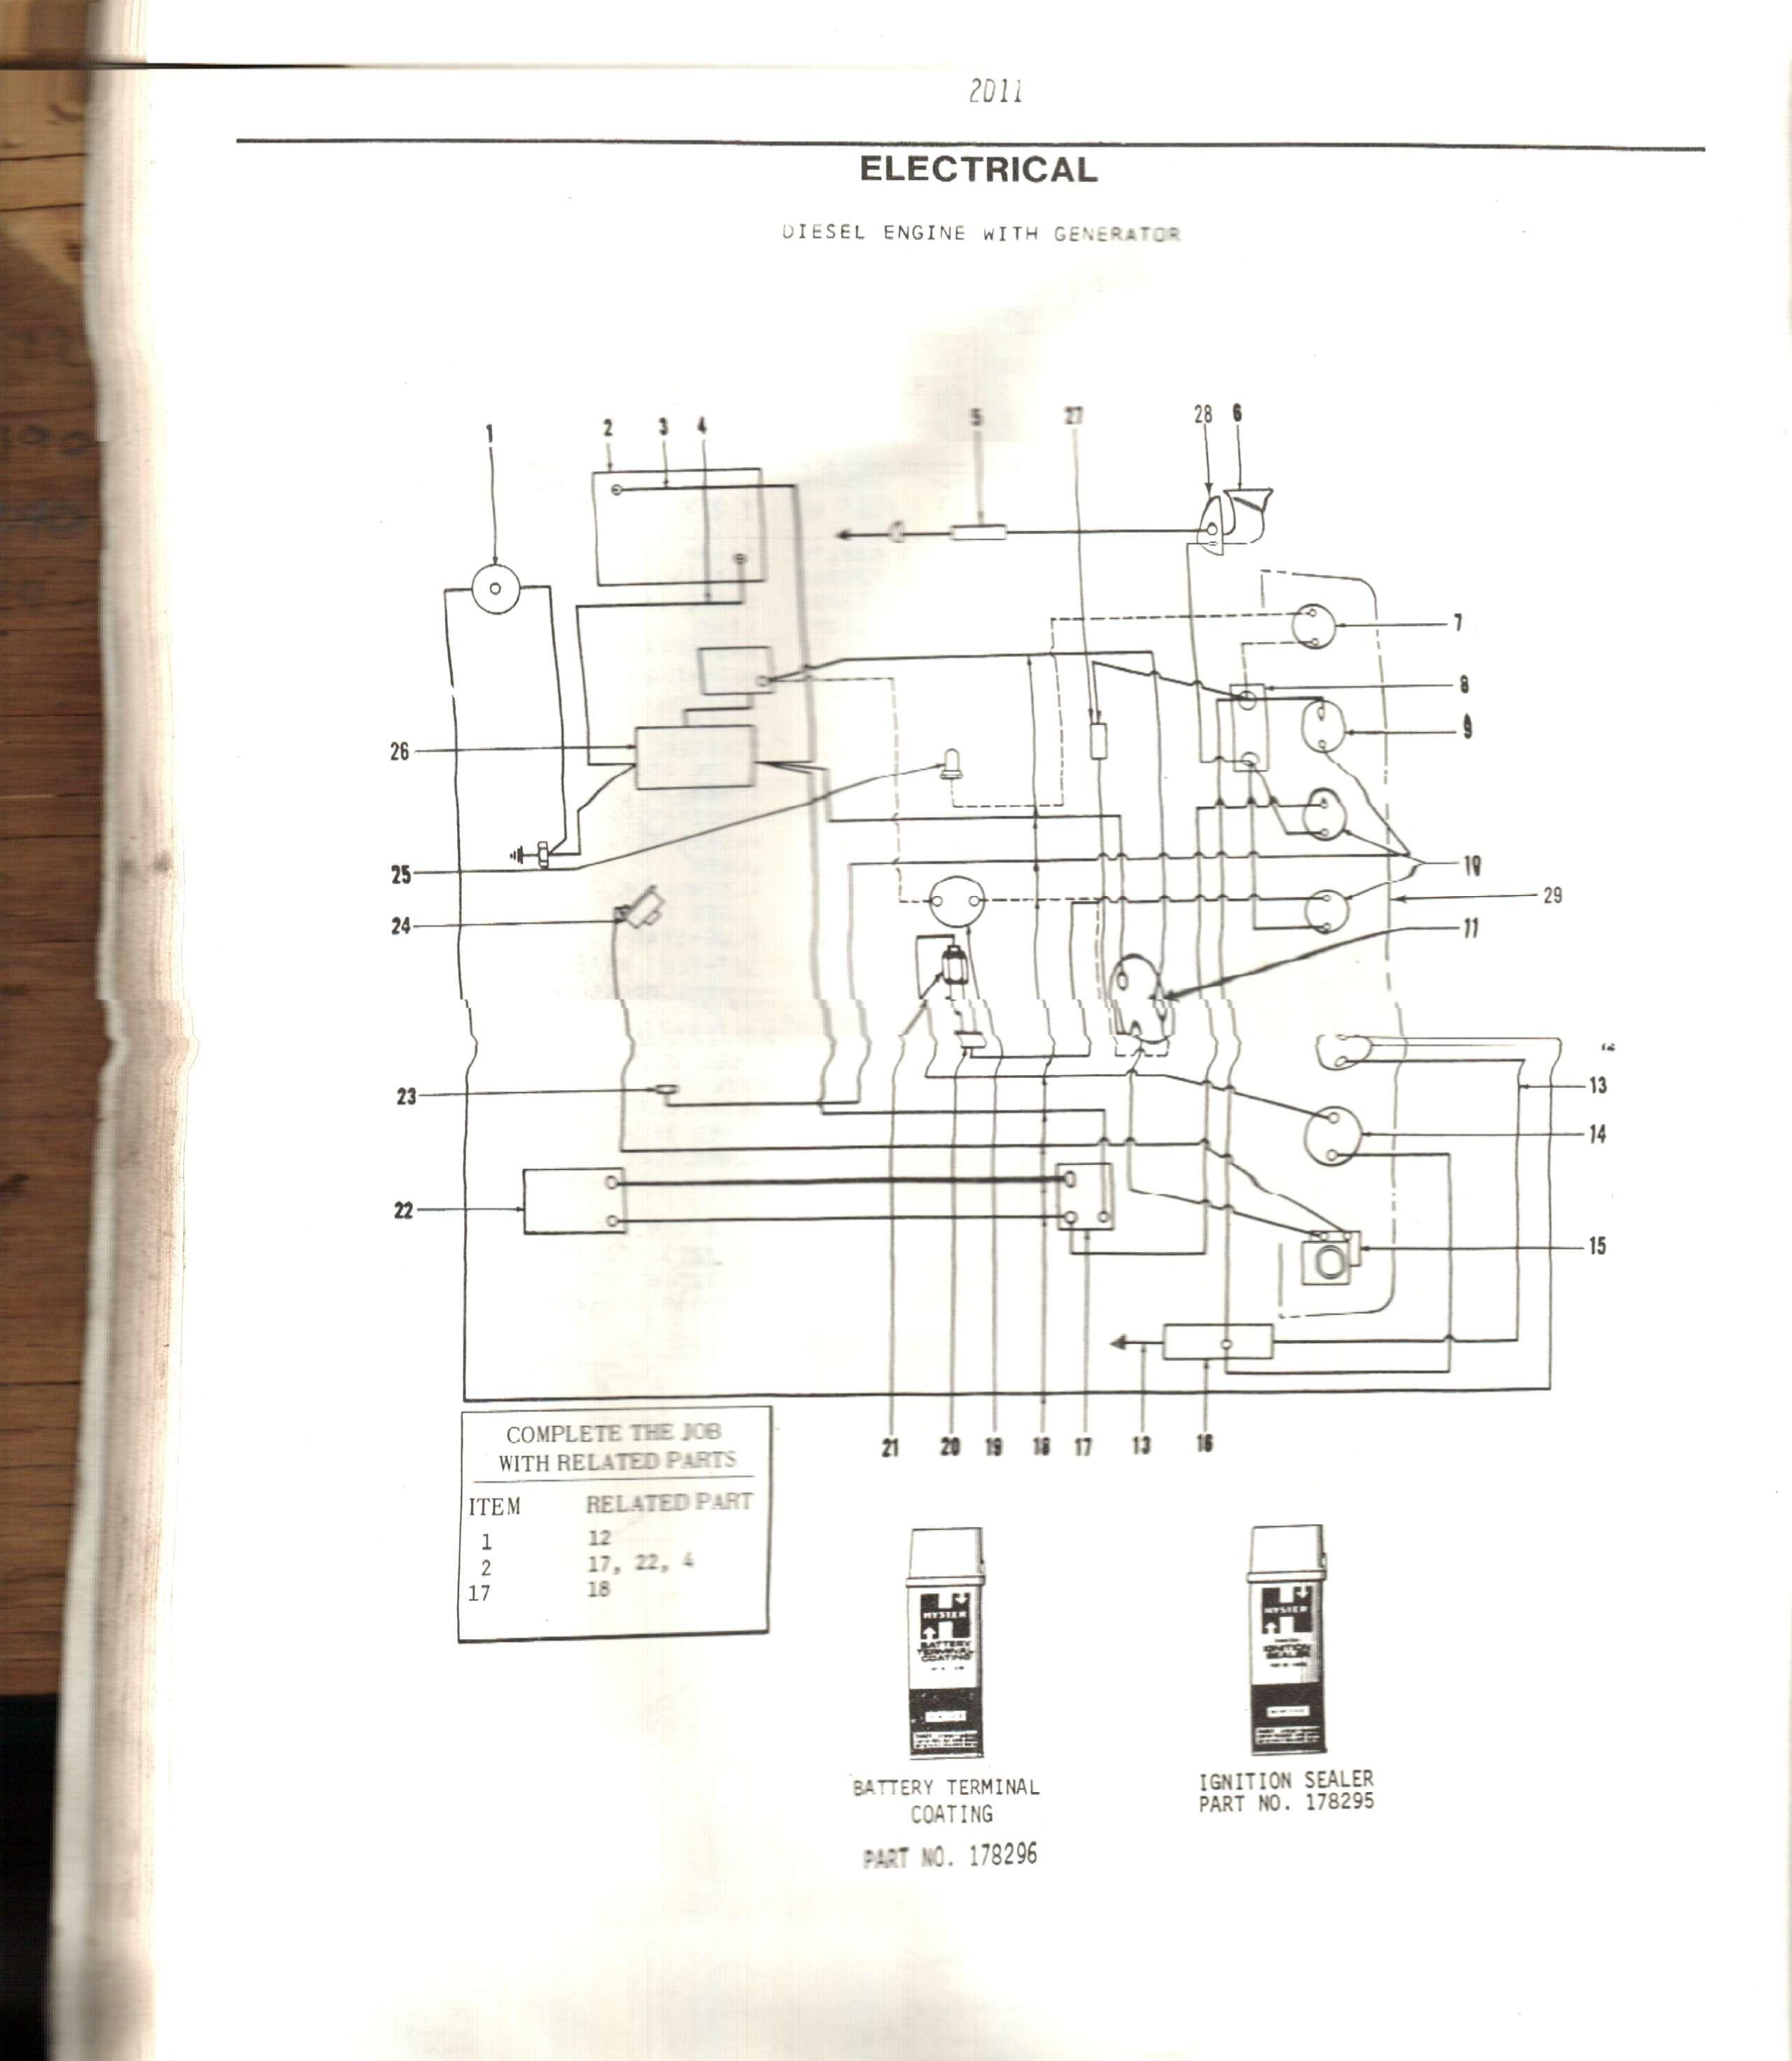 Hyster H100xm Wiring Diagram - Warn Winch Wiring Diagram 120 Volt Motor -  contuor.wiringdol.jeanjaures37.fr | Hyster H100xm Wiring Diagram |  | Wiring Diagram Resource